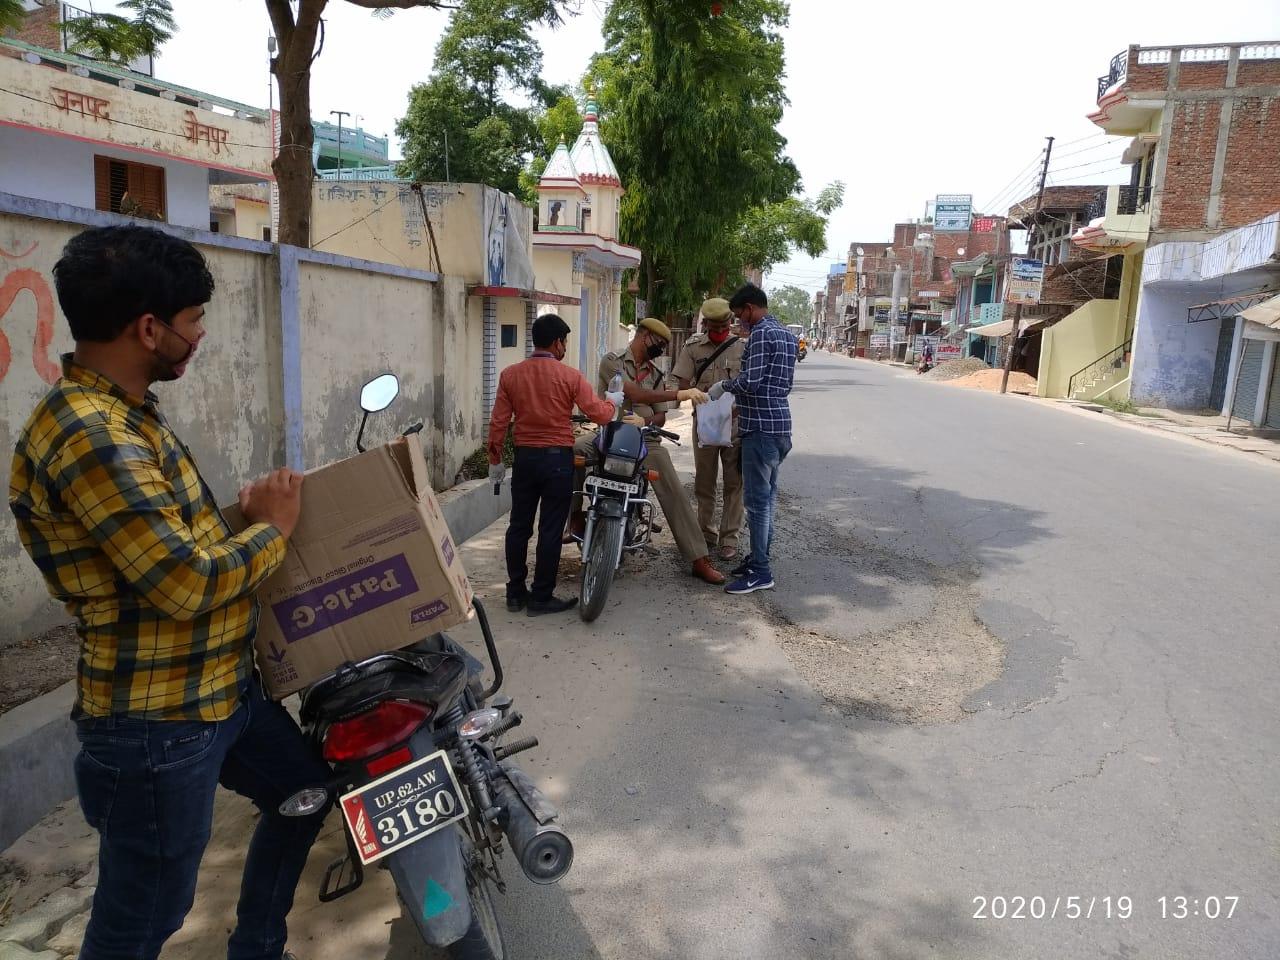 स्वयं सहायता समूह व समुदाय में मास्क व साबुन वितरण किया गया अरशद खान खेतासराय, जौनपुर। क्षेत्र के आजाद शिक्षा केंद्र खेतासराय के द्वारा कोविड- 19 के चतुर्थ लॉकडाउन में पुलिस द्वारा सक्रियता से कार्य करने पर बैंक गार्ड व पुलिस कर्मियों को जलपान व नाश्ता का पैकेट दीया गया समाज सेविका ज्योतिका श्रीवास्तव ने बताया कि ग्राम सोंधी में चल रहे स्वयं सहायता समूह तथा समुदाय के लोगों को आज मास्क 120 पीस व हैंडवाश के लिए डेटॉल साबुन 53 पीस वितरित कर के स्वछता के साथ- साथ शारीरिक दूरी बना के रहने, खान पान में संतुलित आहार लेकर प्रतिरोधक क्षमता को बढ़ाने के लिए जागरूक किया गया प्रथम लॉकडॉउन से अब तक कुल 2500 मास्क और 1200 डेटॉल साबुन हाथ की सफाई हेतु वितरित किया गया इस अवसर पर सूफियान अहमद, मनोज, हैदर अब्बास, बीनू, रीमू आदि उपस्थित रही।